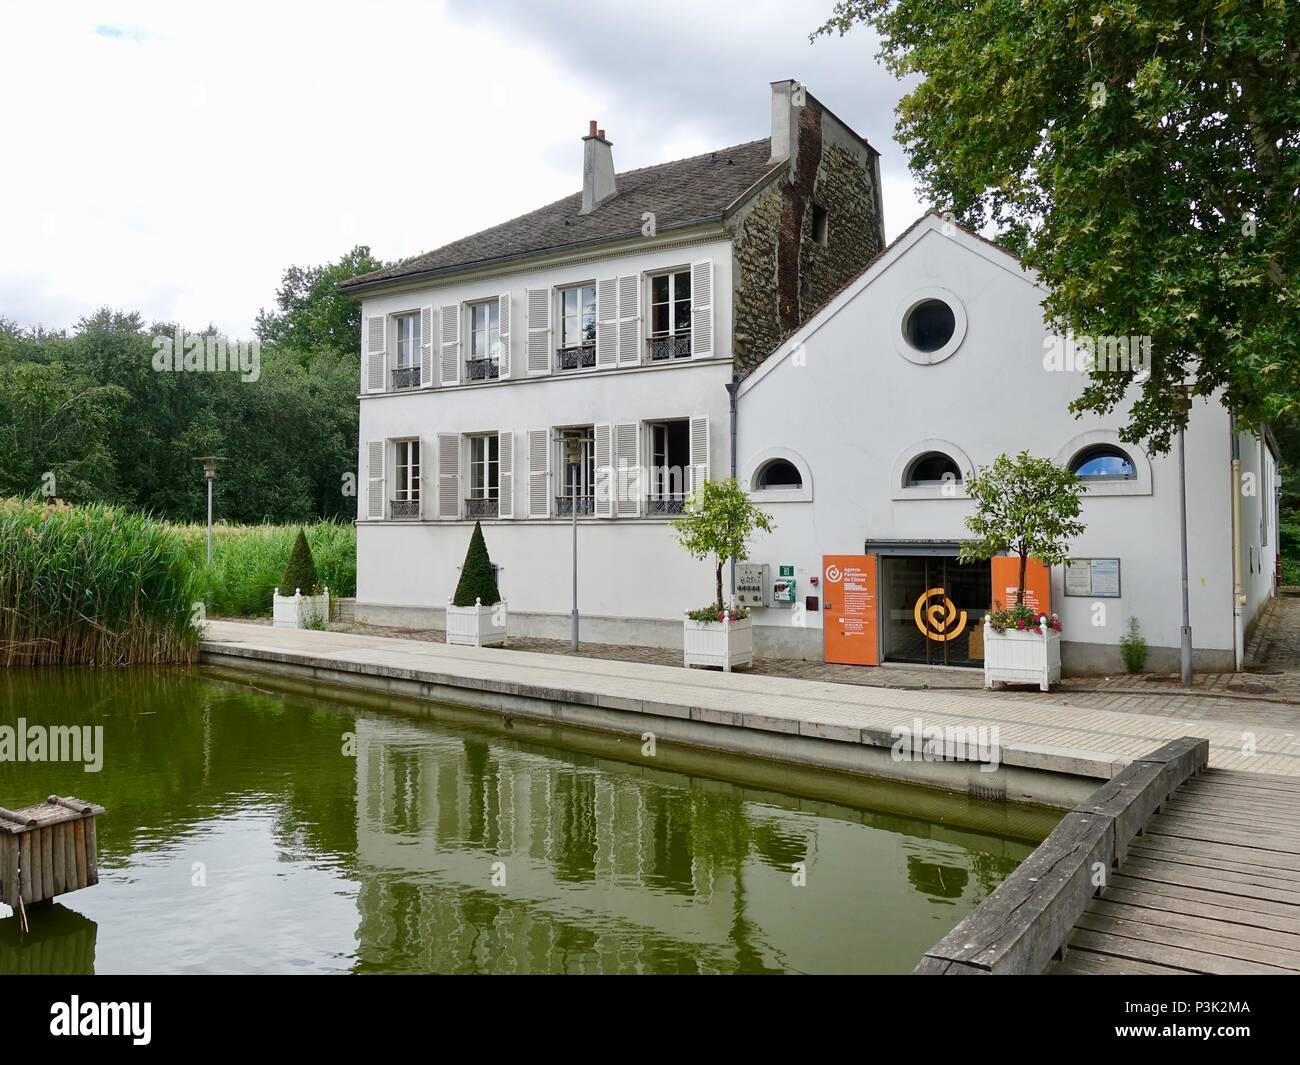 Lake pavilion and Paris Climate Agency Office, Bercy Park, Paris, France - Stock Image